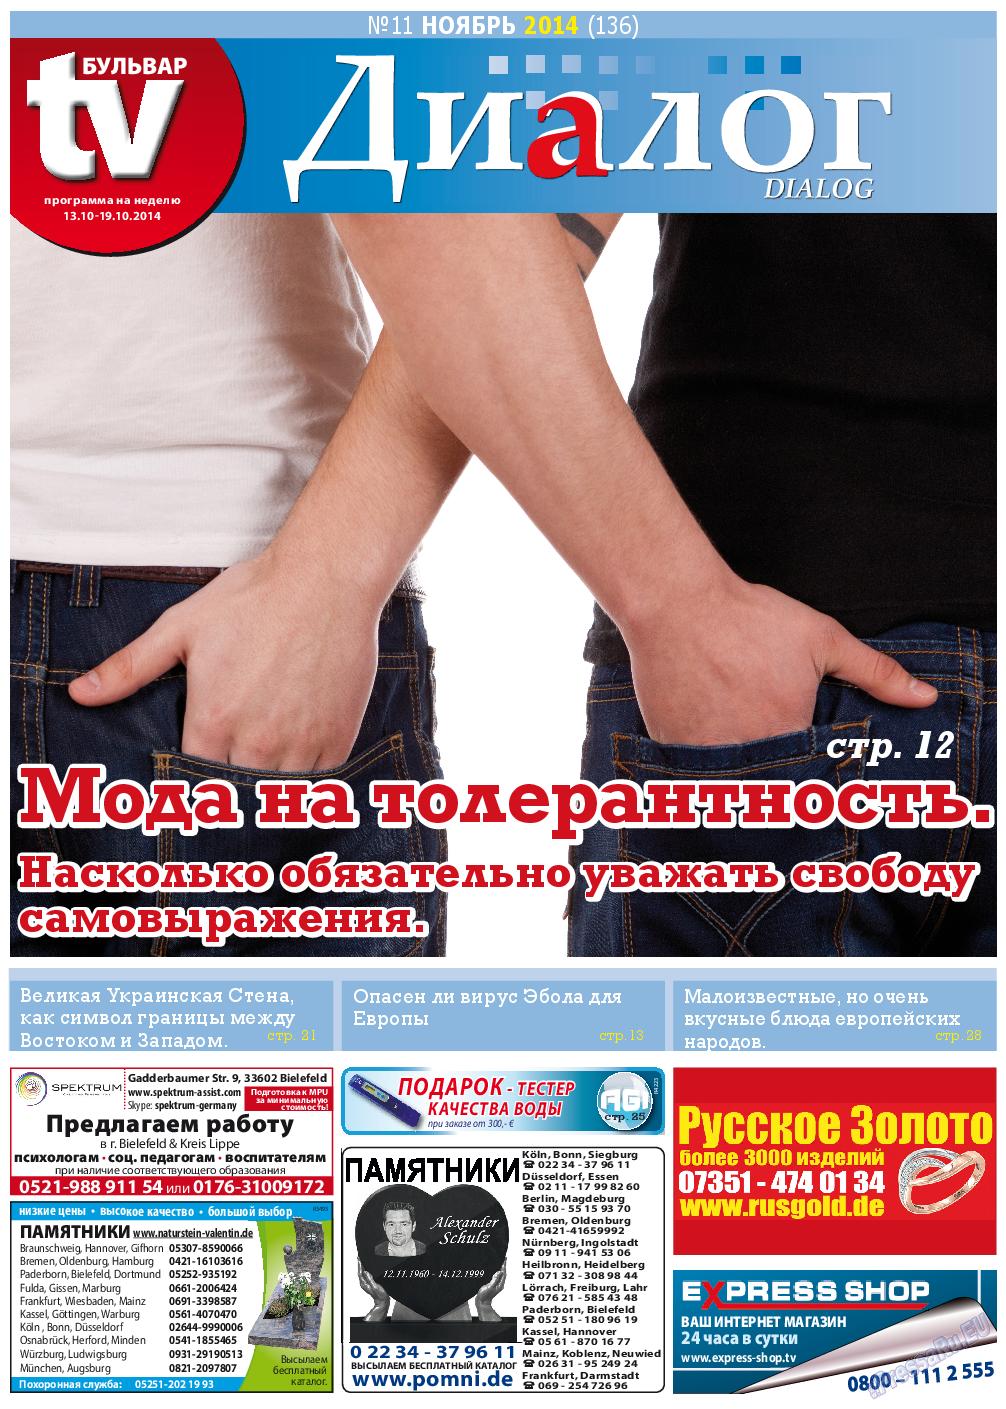 Диалог (газета). 2014 год, номер 11, стр. 1